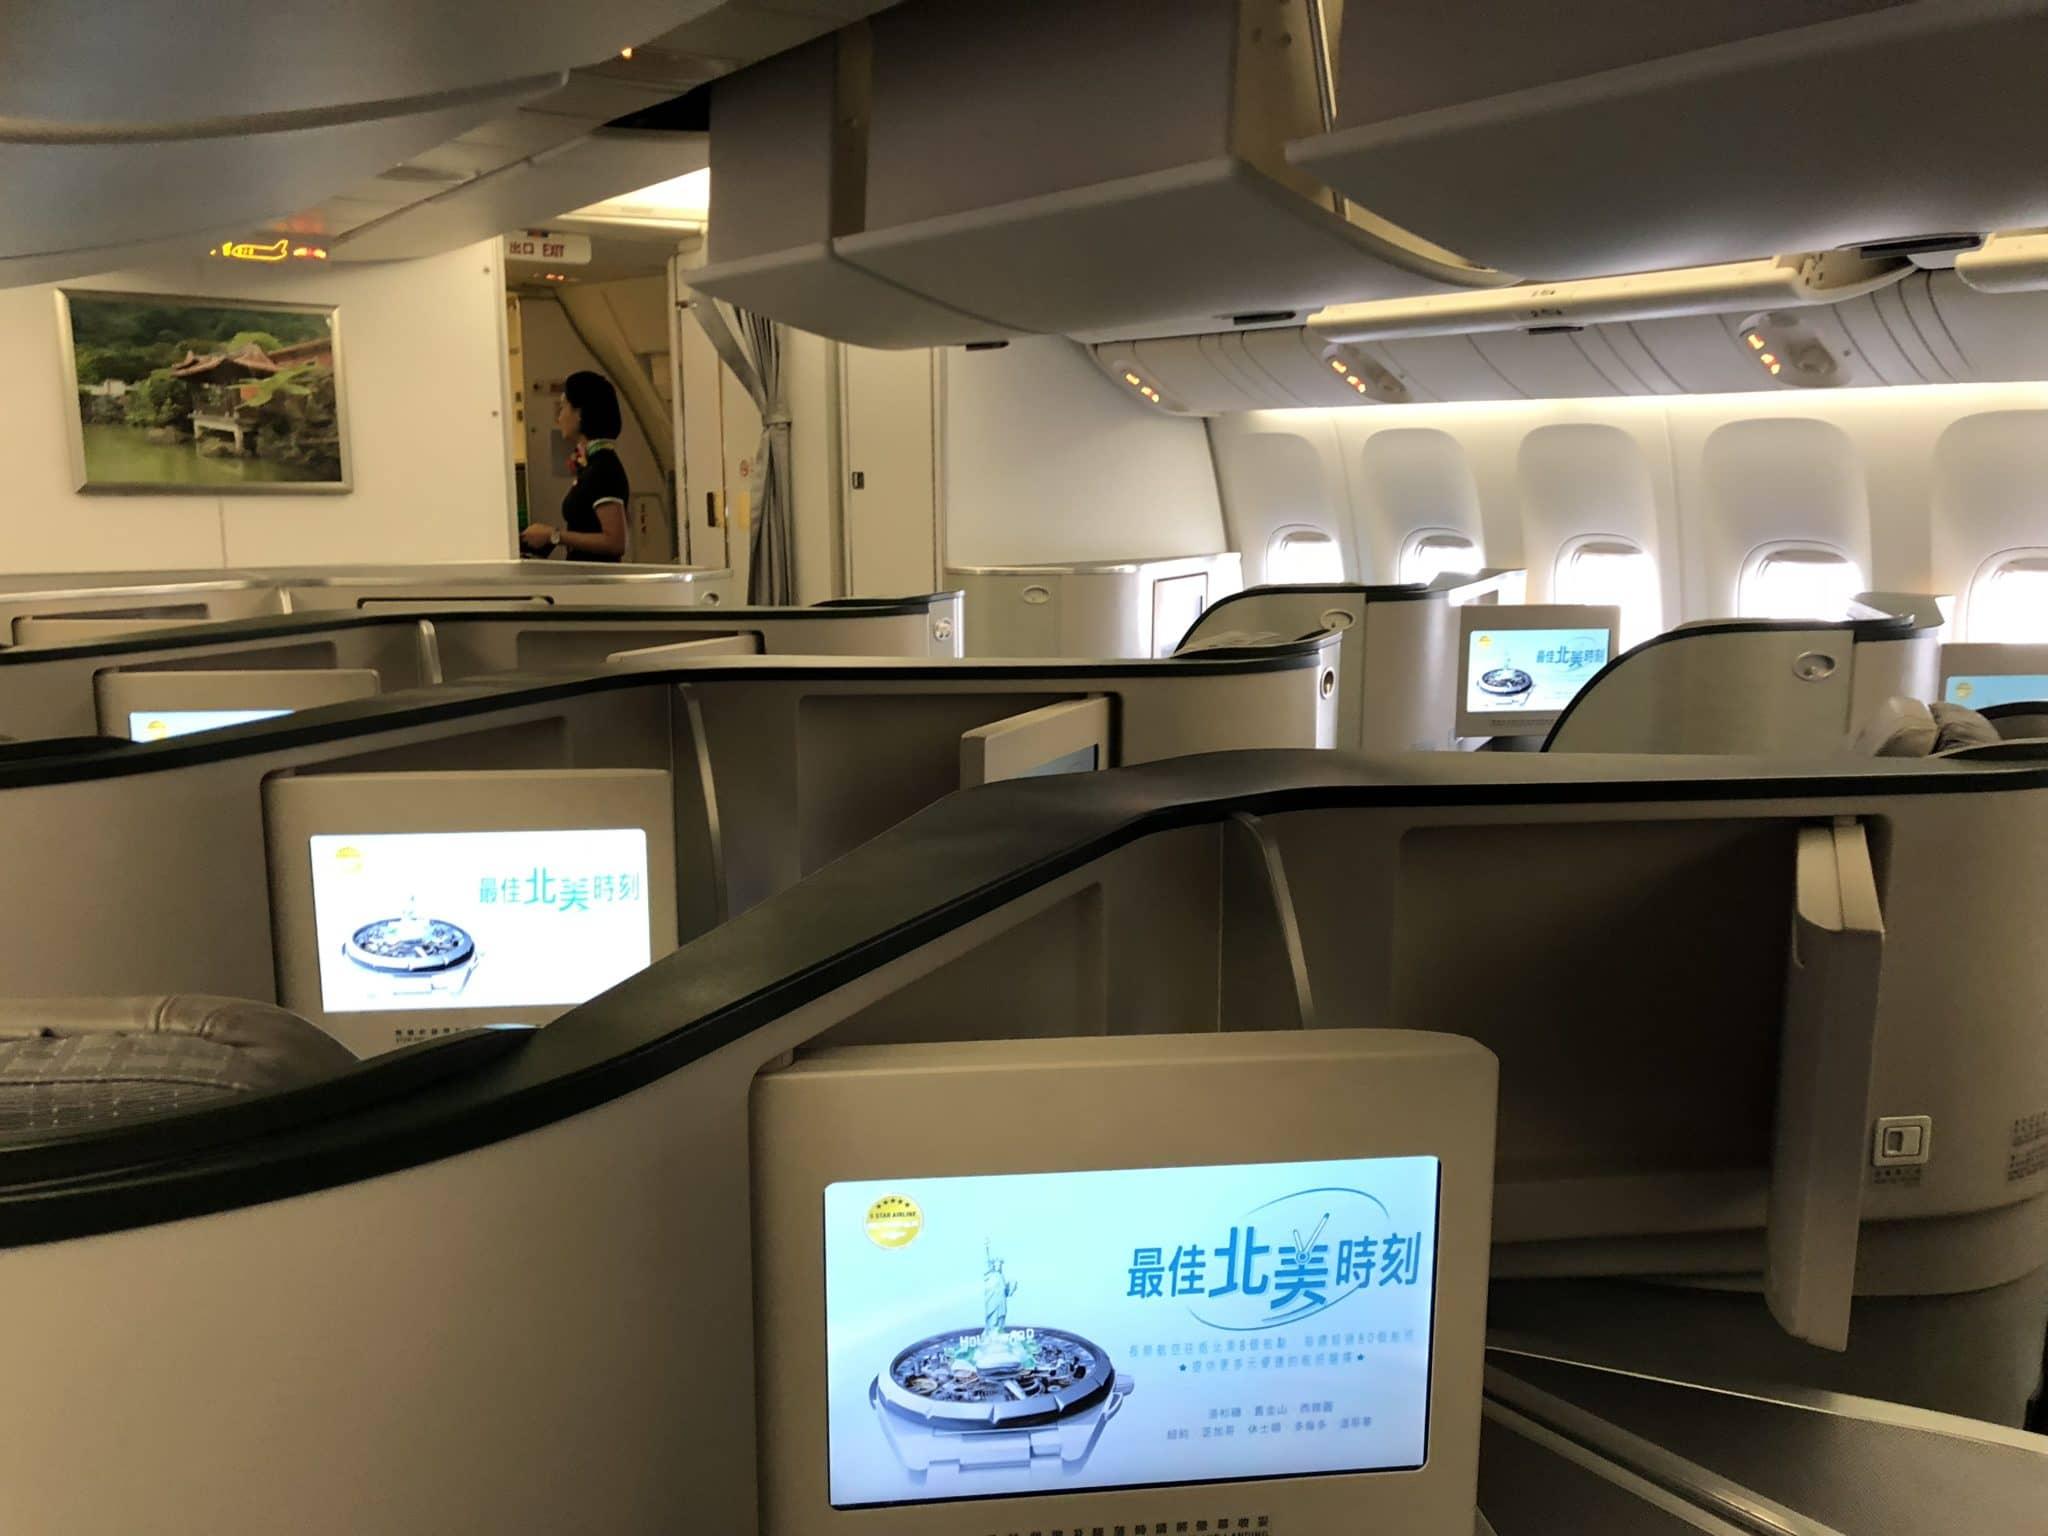 EVA Air Business Class Boeing 777-300 Kabine Hinflug Ansicht von hinten